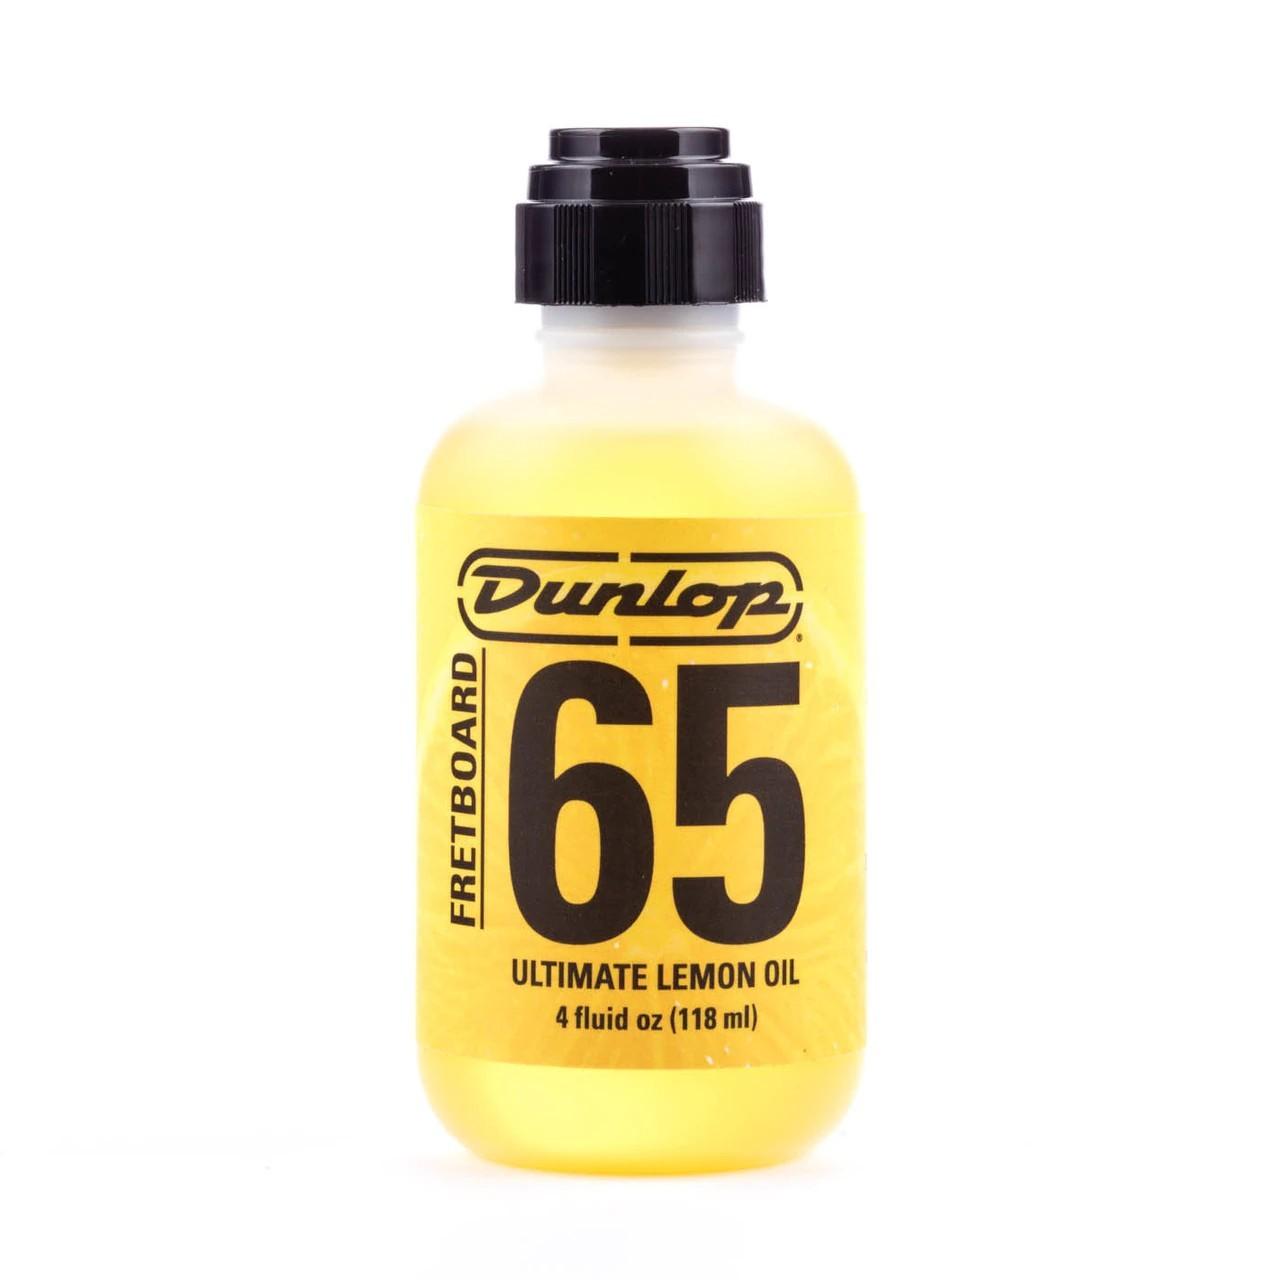 DUNLOP Spray Formula 65 Fretboard